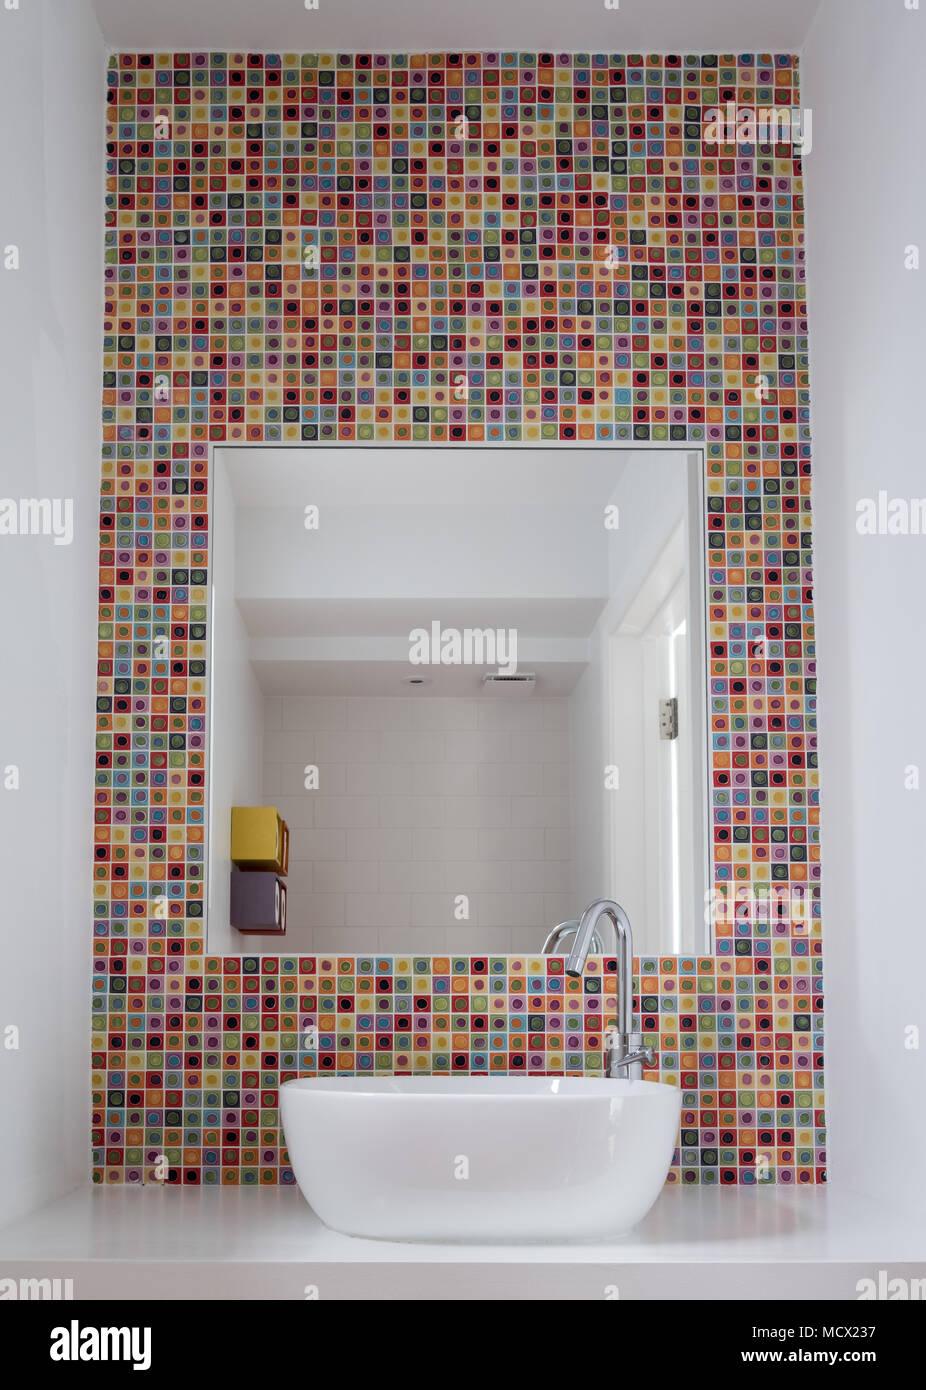 Badezimmer Waschbecken Mit Bunten Glas Mosaik Fliesen Und Spiegel